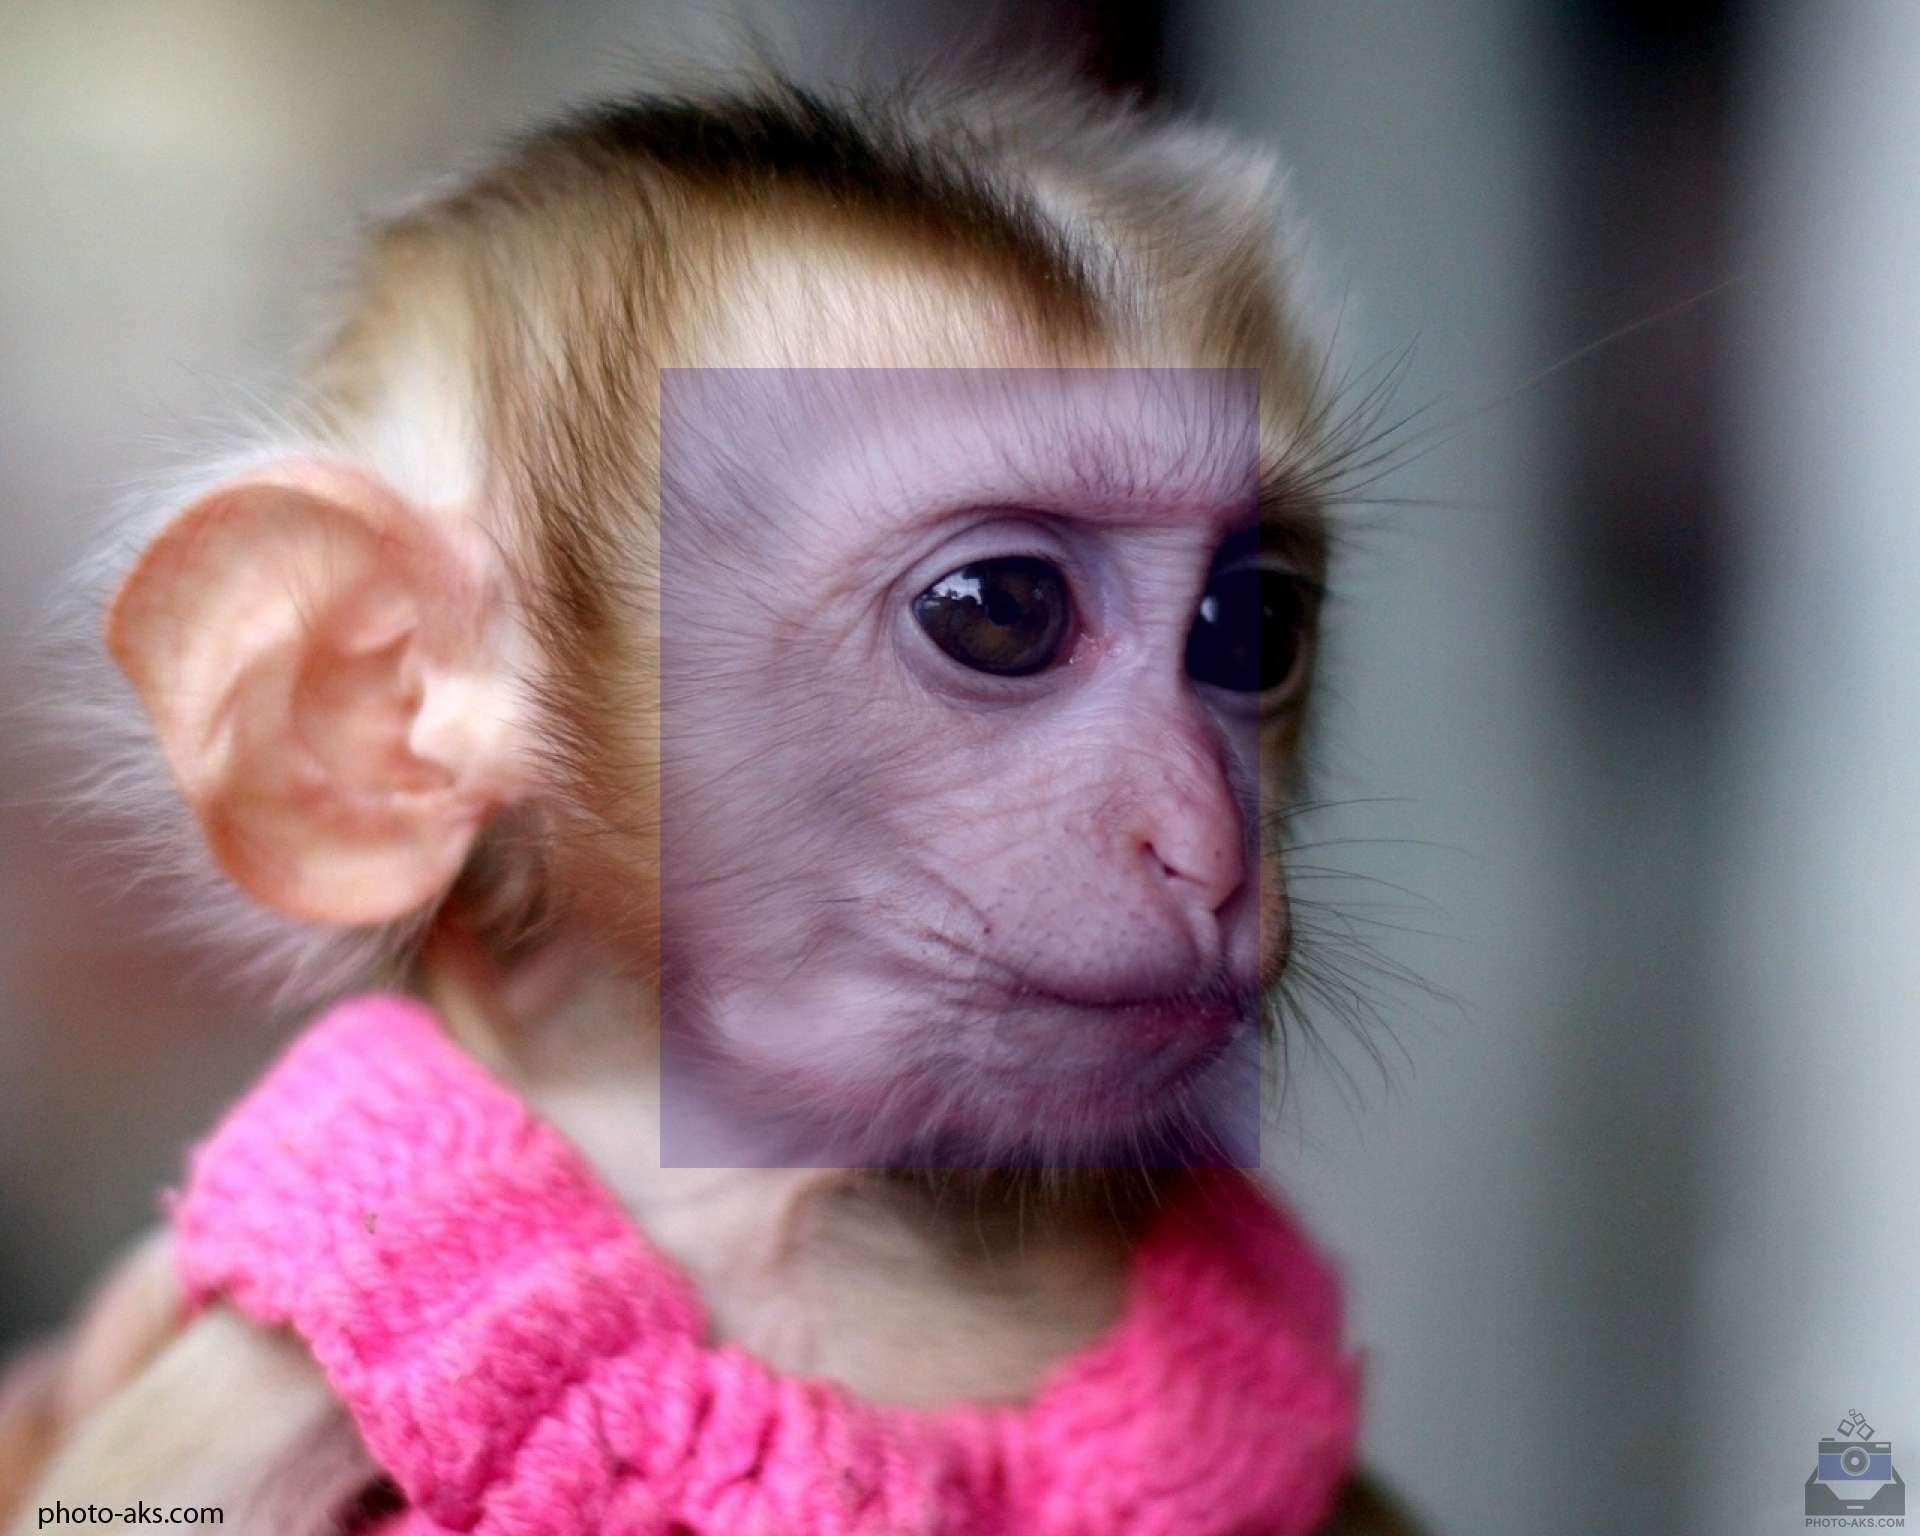 تعبیر خواب میمون , تعبیر خواب میمون سیاه رنگ , تعبیر خواب میمون سیاه , تعبیر خواب میمون قهوه ای